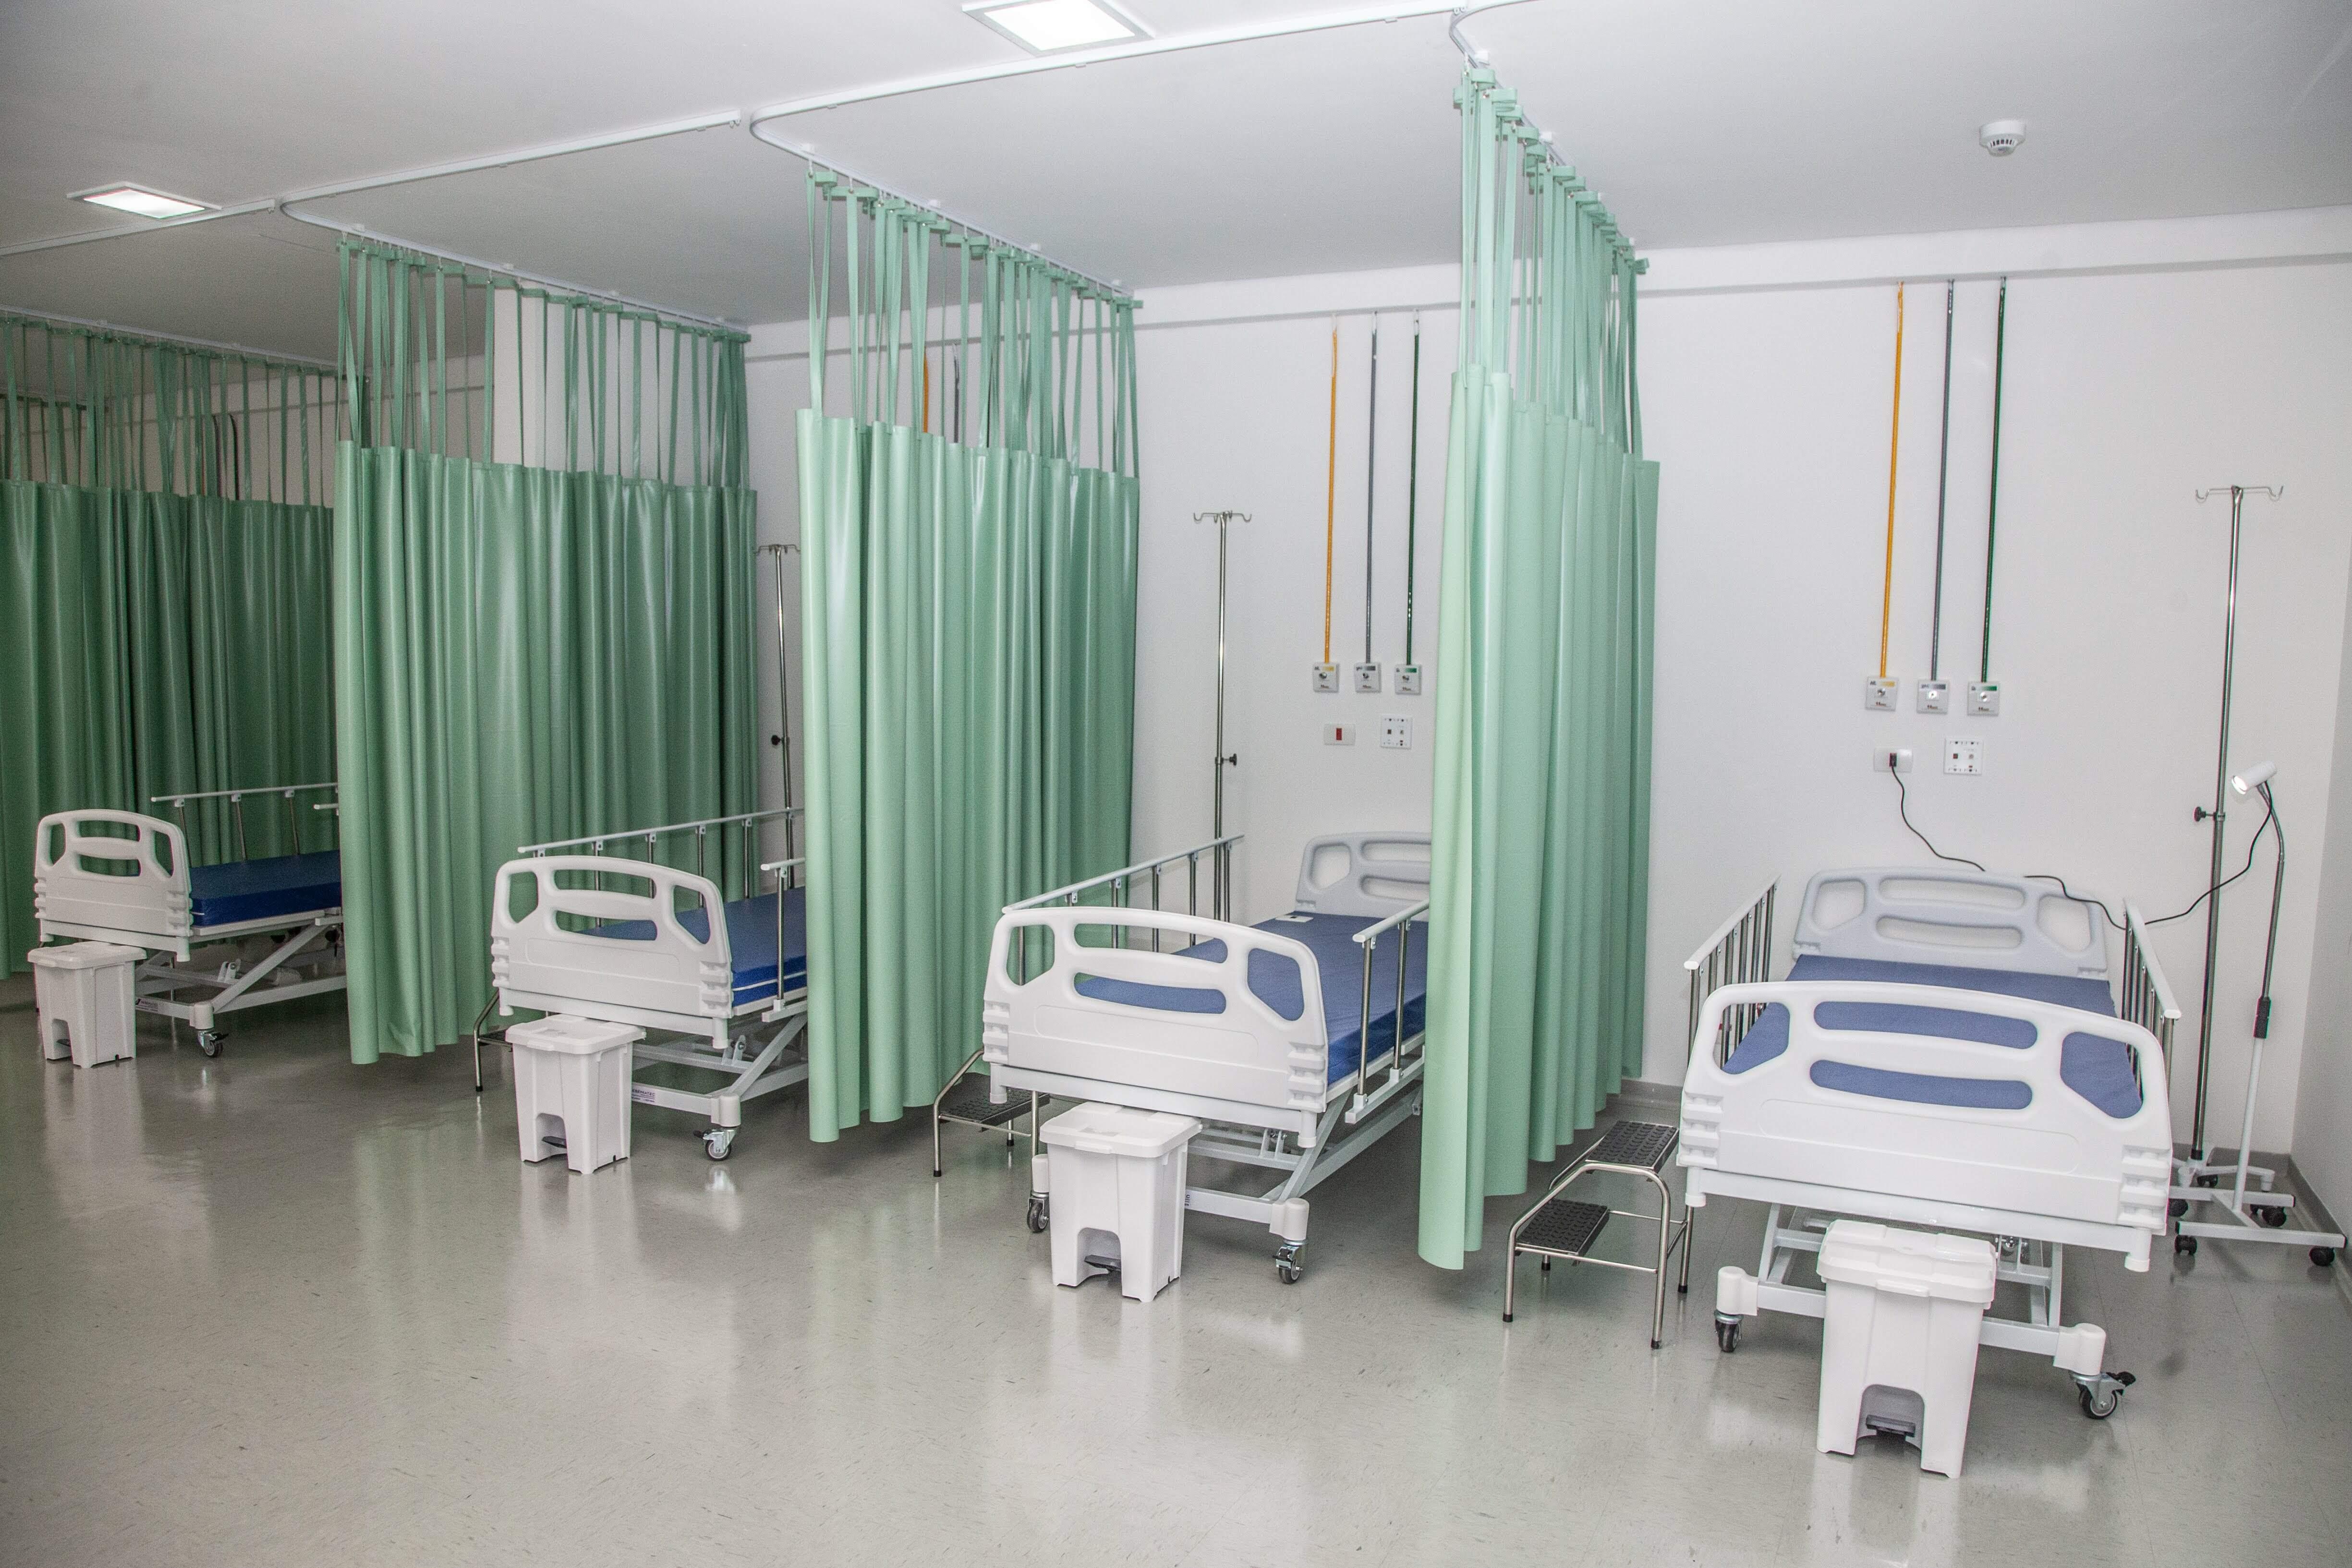 Hospital de campanha terá um total de 46 leitos para pacientes com sintomas do novo coronavírus